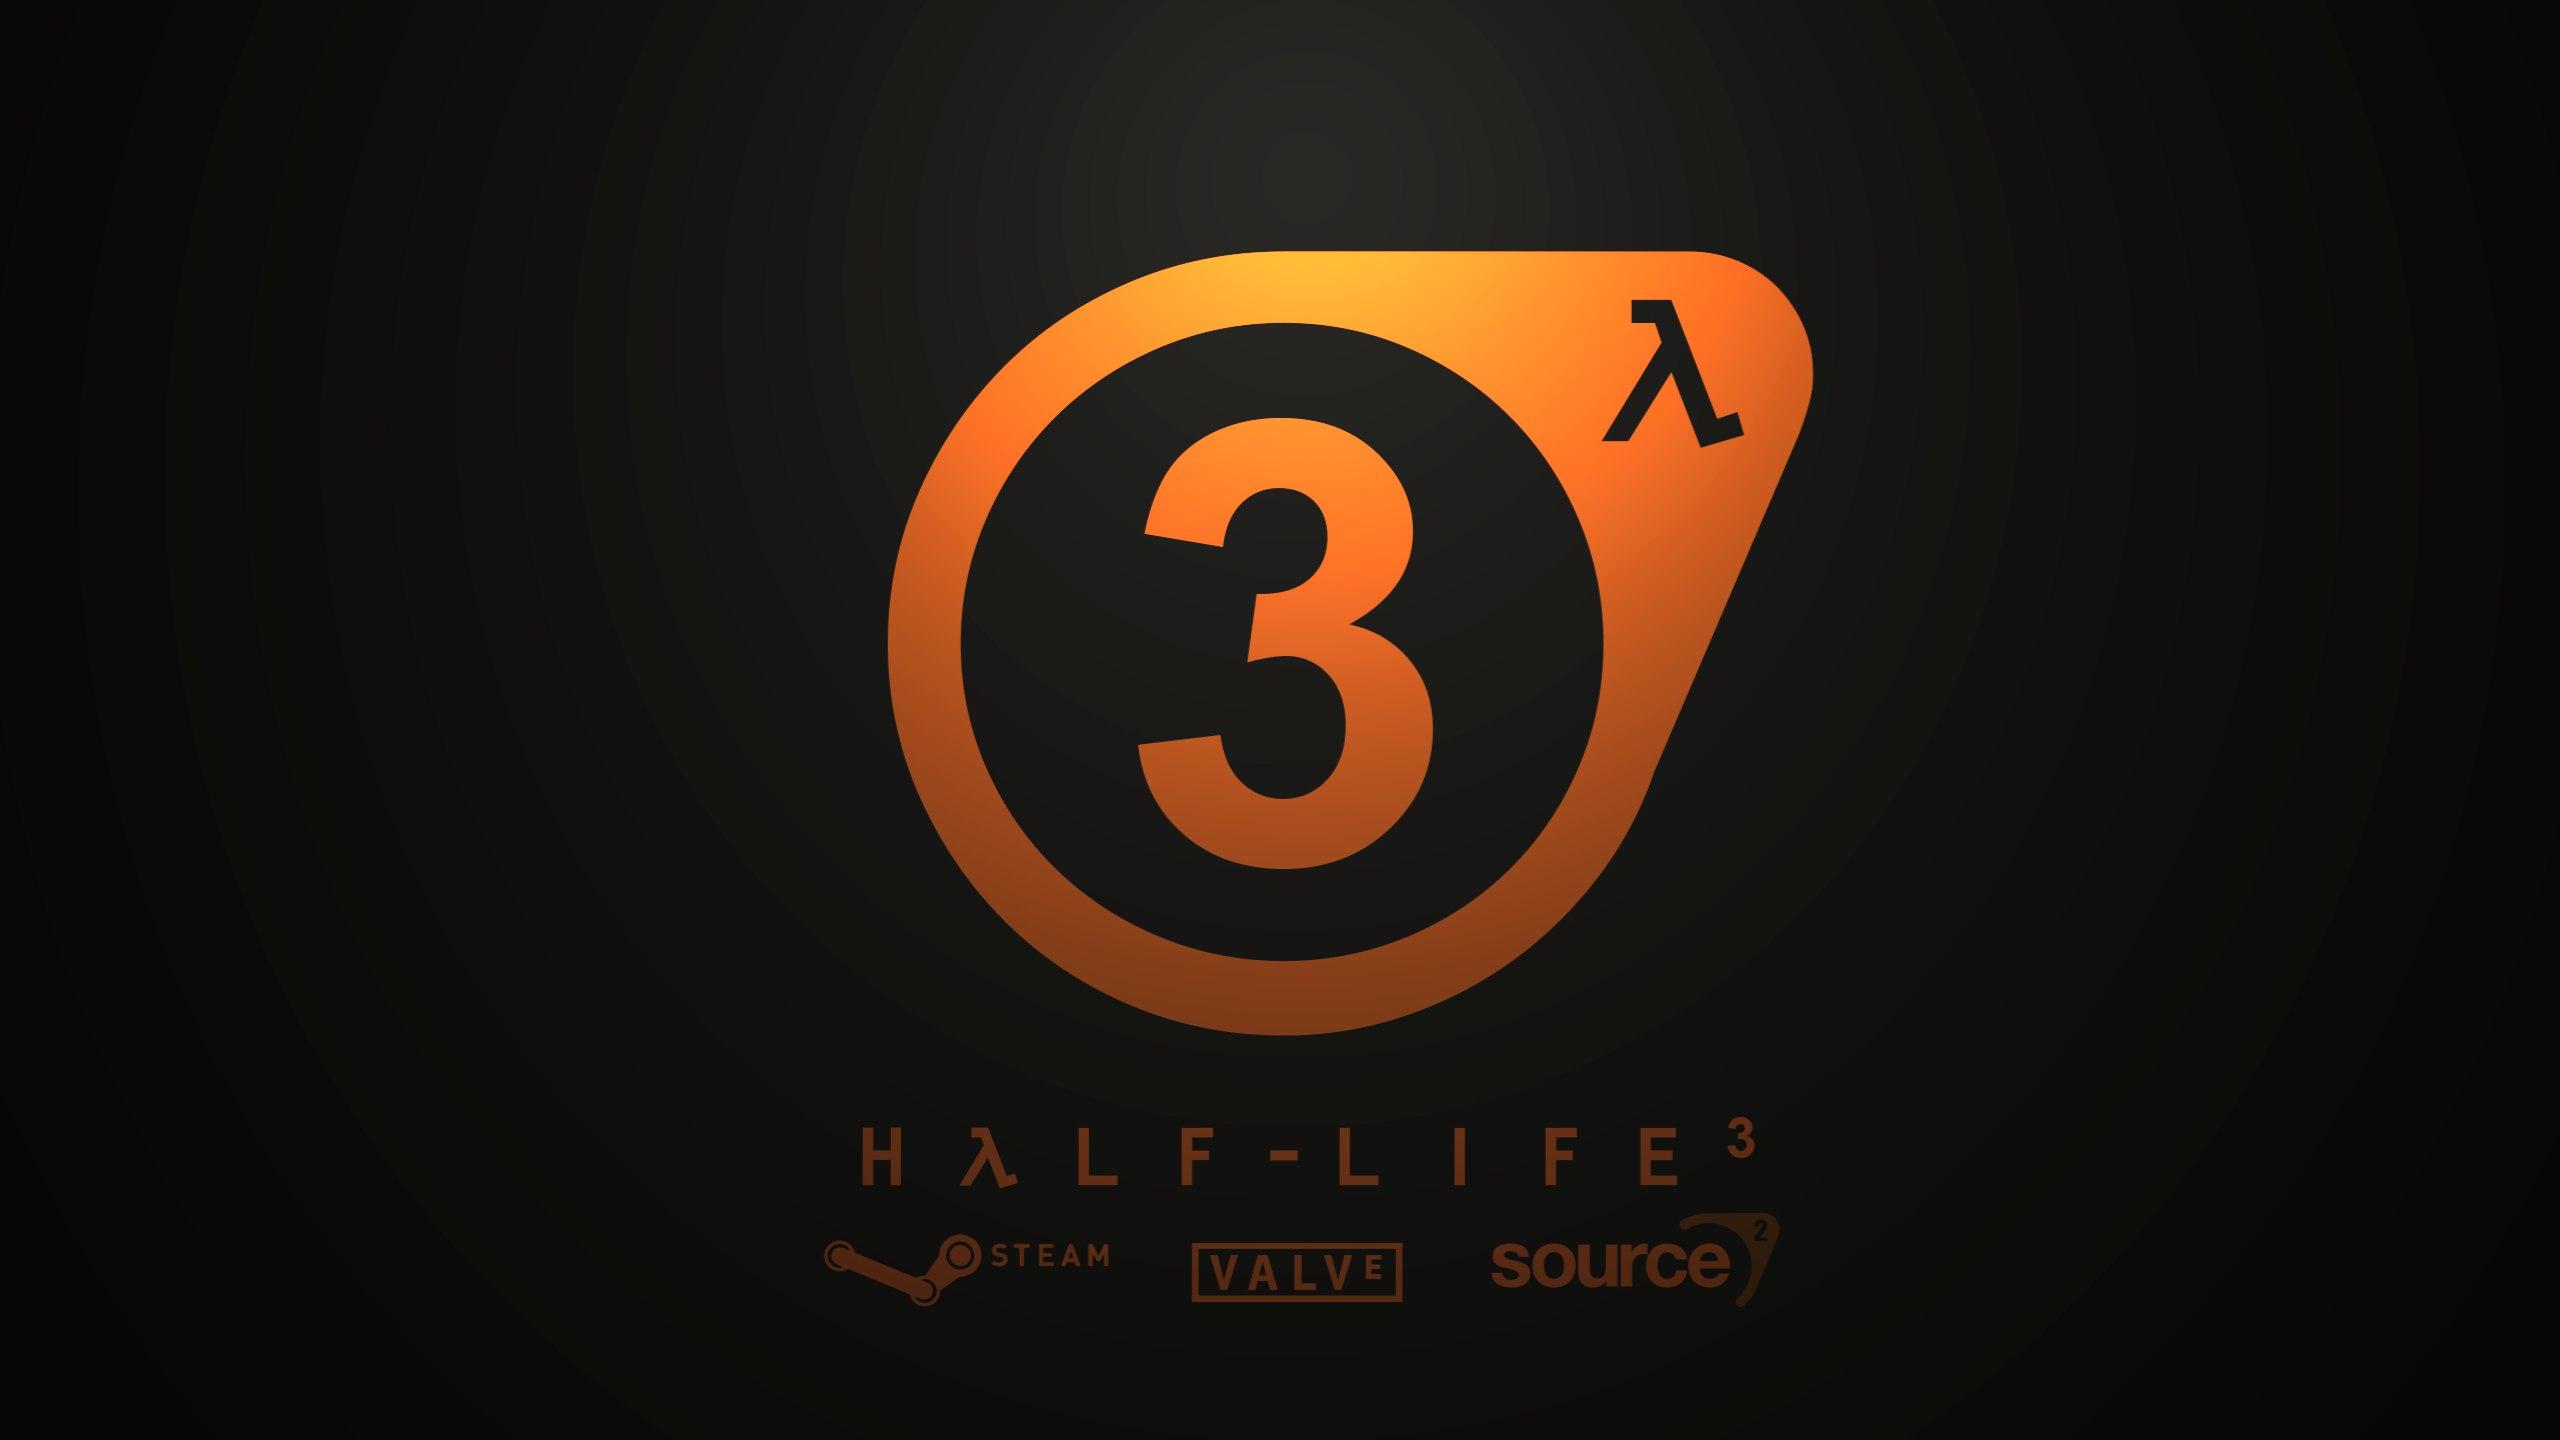 Half life 3. обои скачать